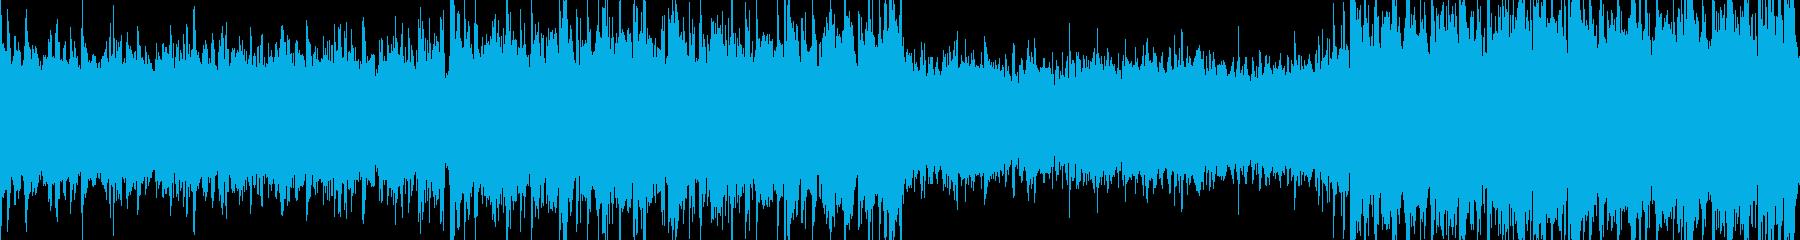 【ループ】ハイテンポで緊迫感あるバトル2の再生済みの波形